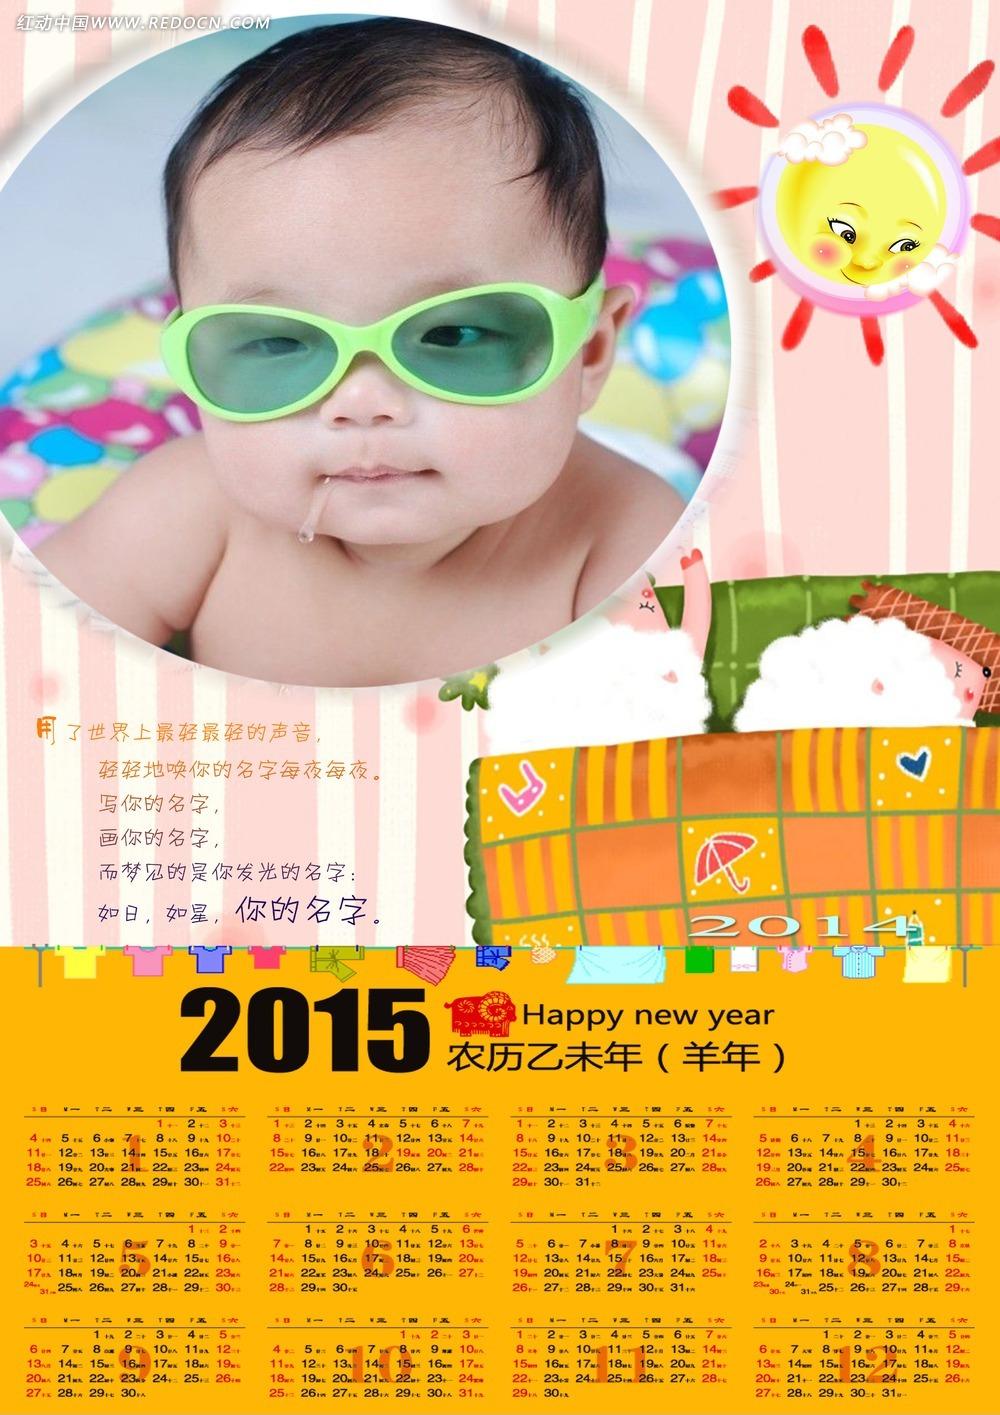 2015年儿童摄影挂历模板psd免费下载图片